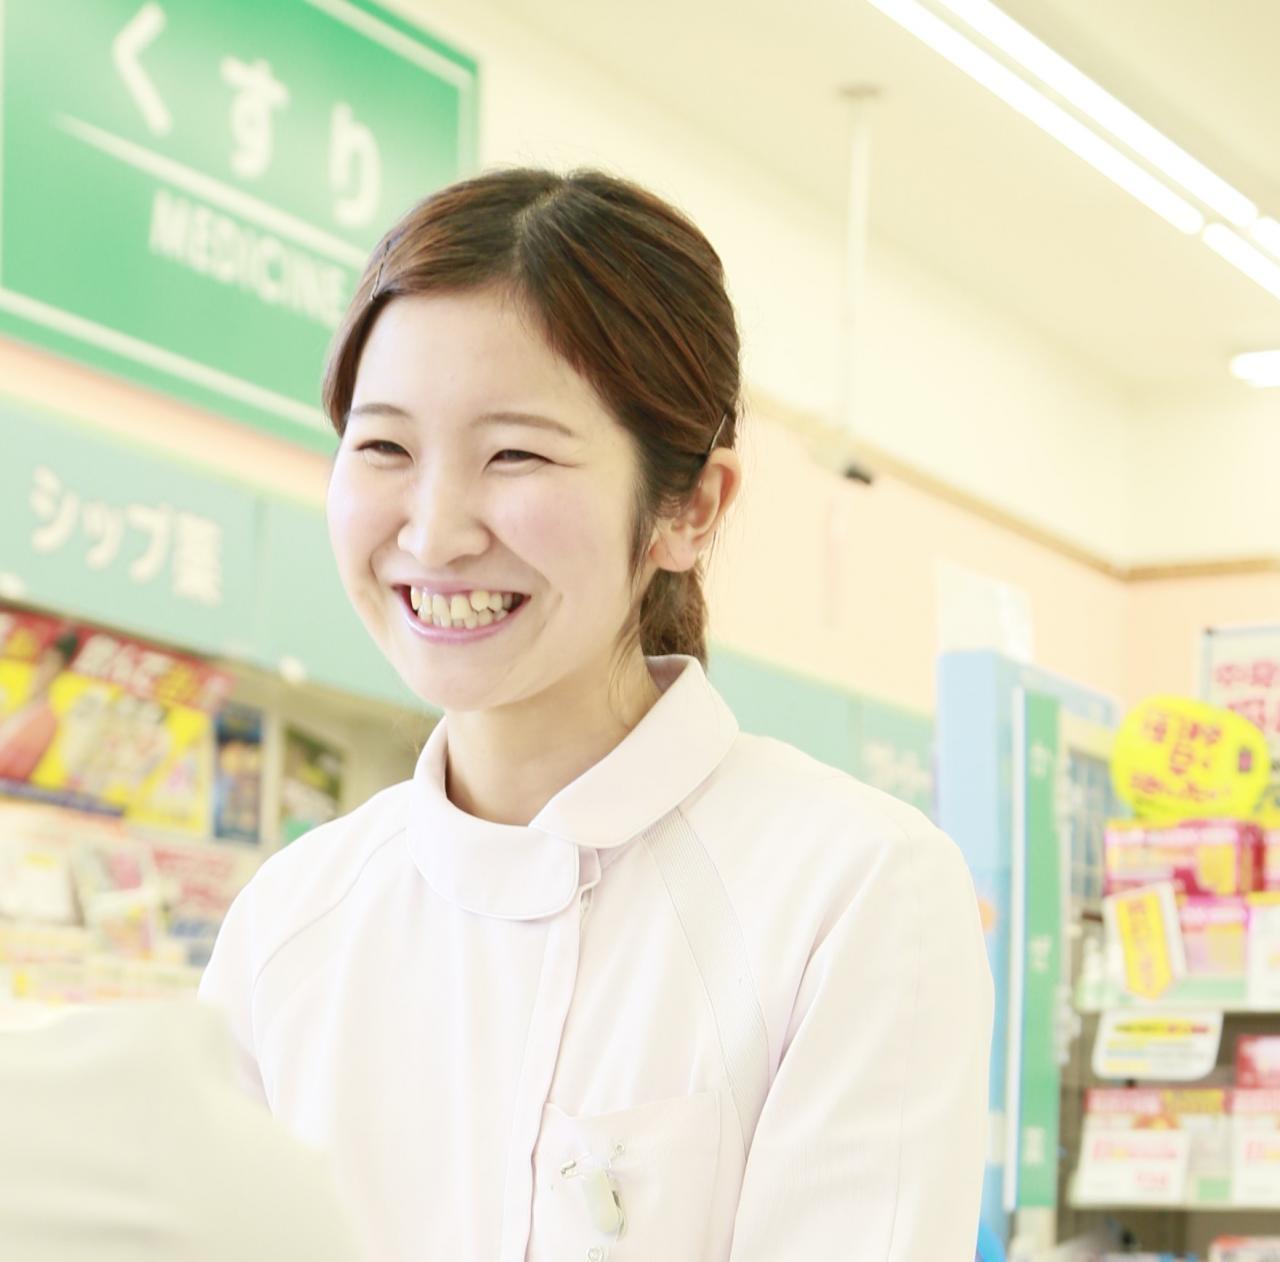 株式会社ププレひまわり/【管理栄養士】健康のスペシャリストとして地域のお客様へ笑顔と健康を届けましょう!